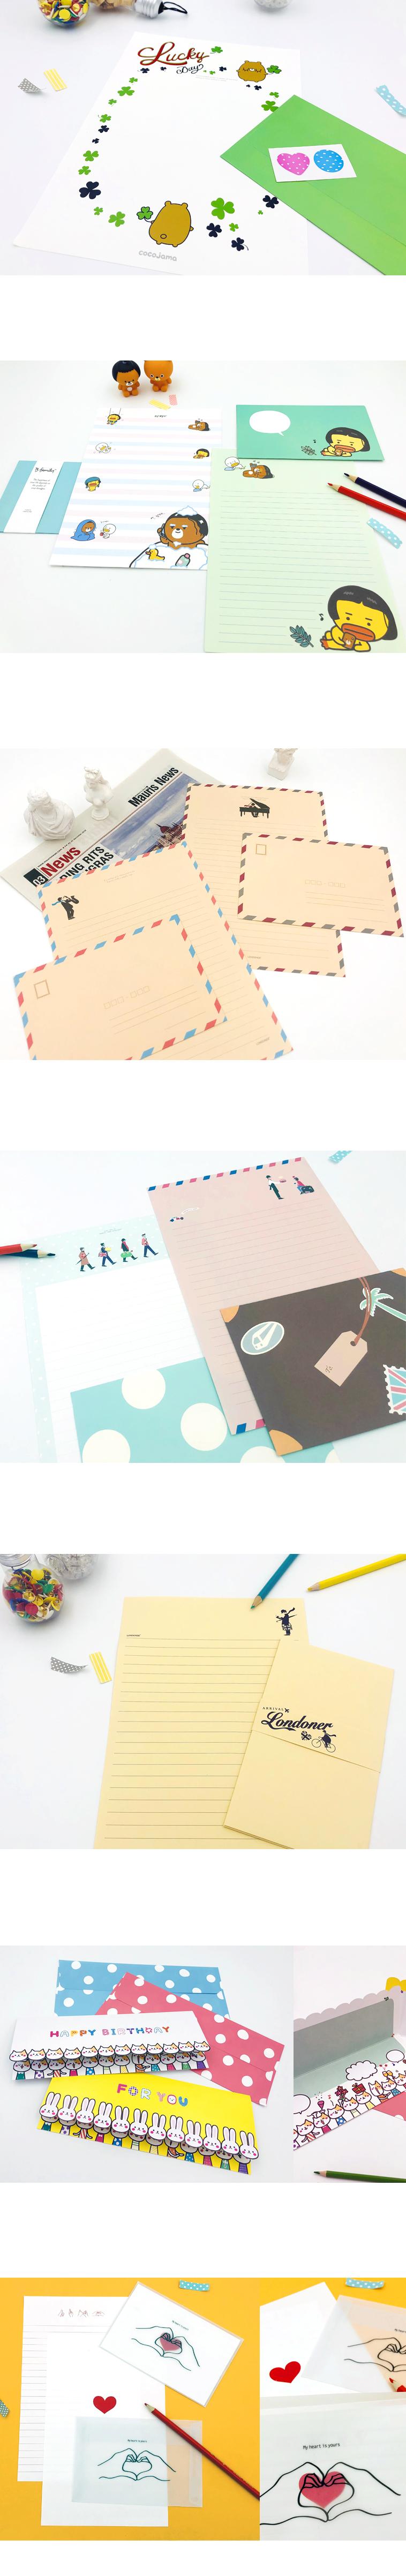 카드 편선지 럭키박스 - 더오픈하우스, 9,900원, 카드, 축하 카드